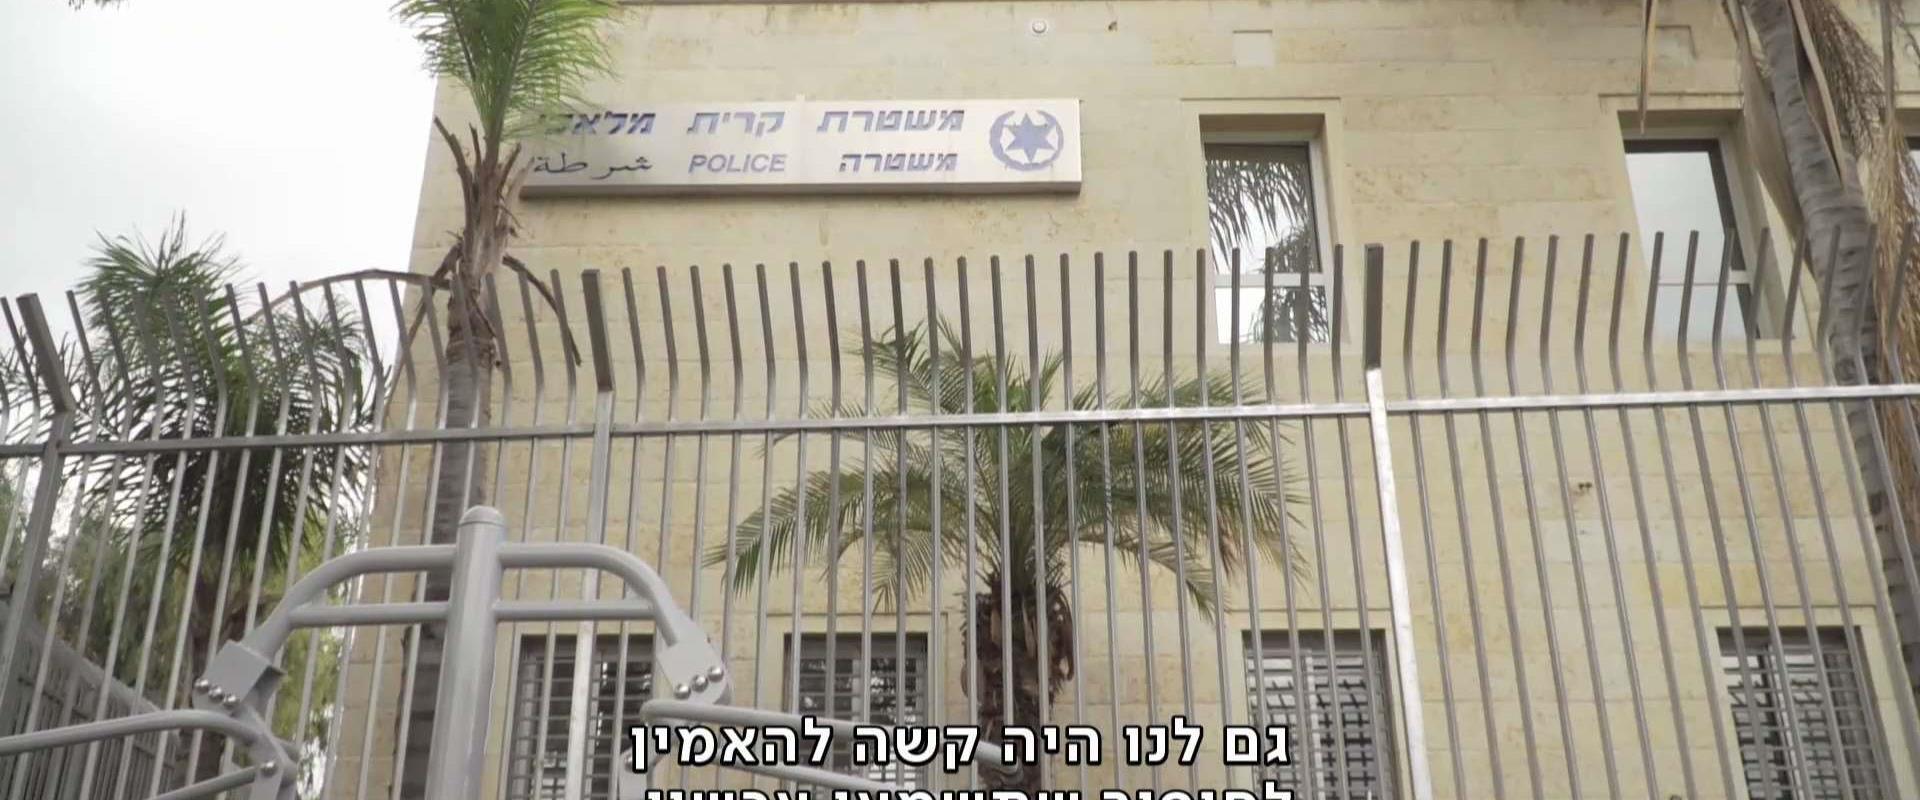 תחנת משטרת קריית מלאכי